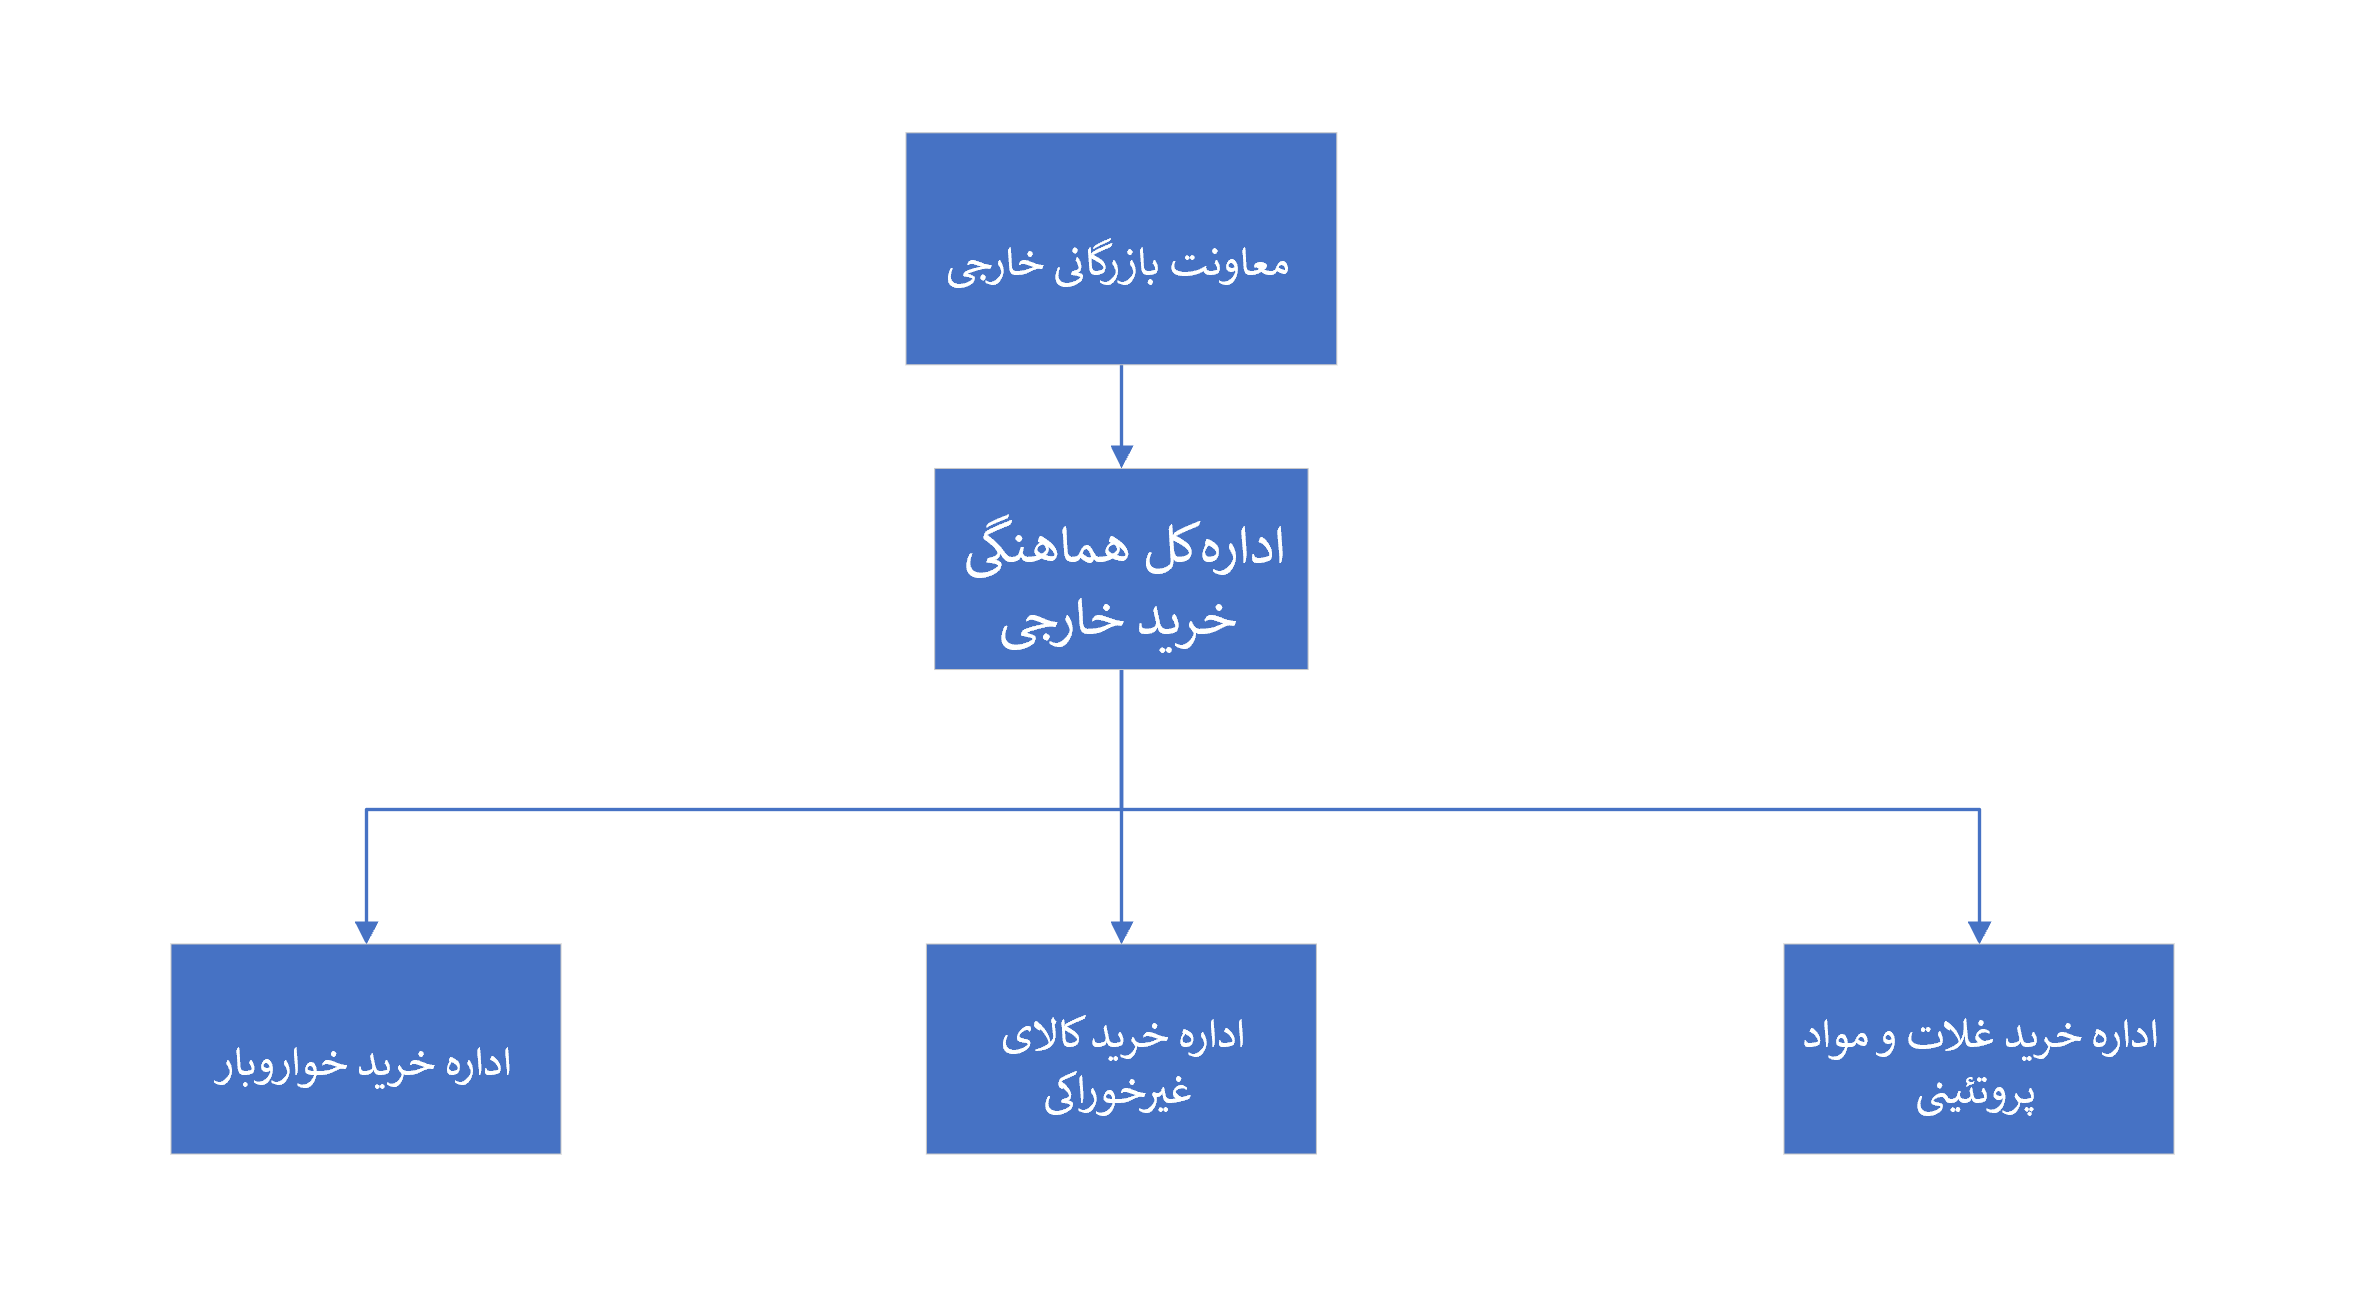 ساختار سازمانی محصولی